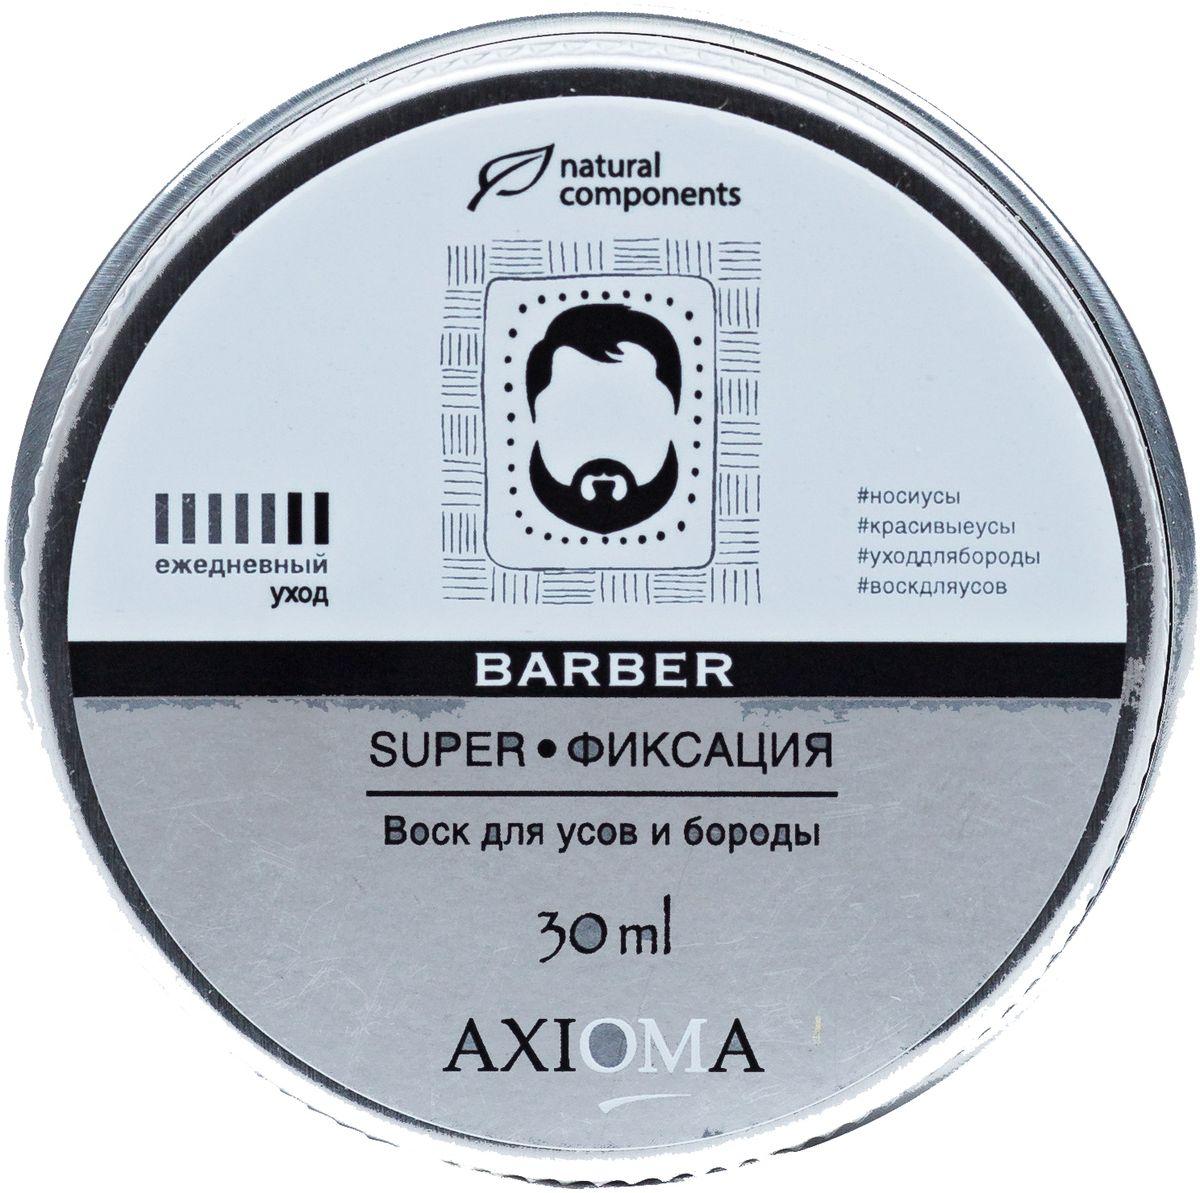 Axioma Воск для усов и бороды Super фиксация, 30 мл воск уход для бороды и усов re style 233 30 мл